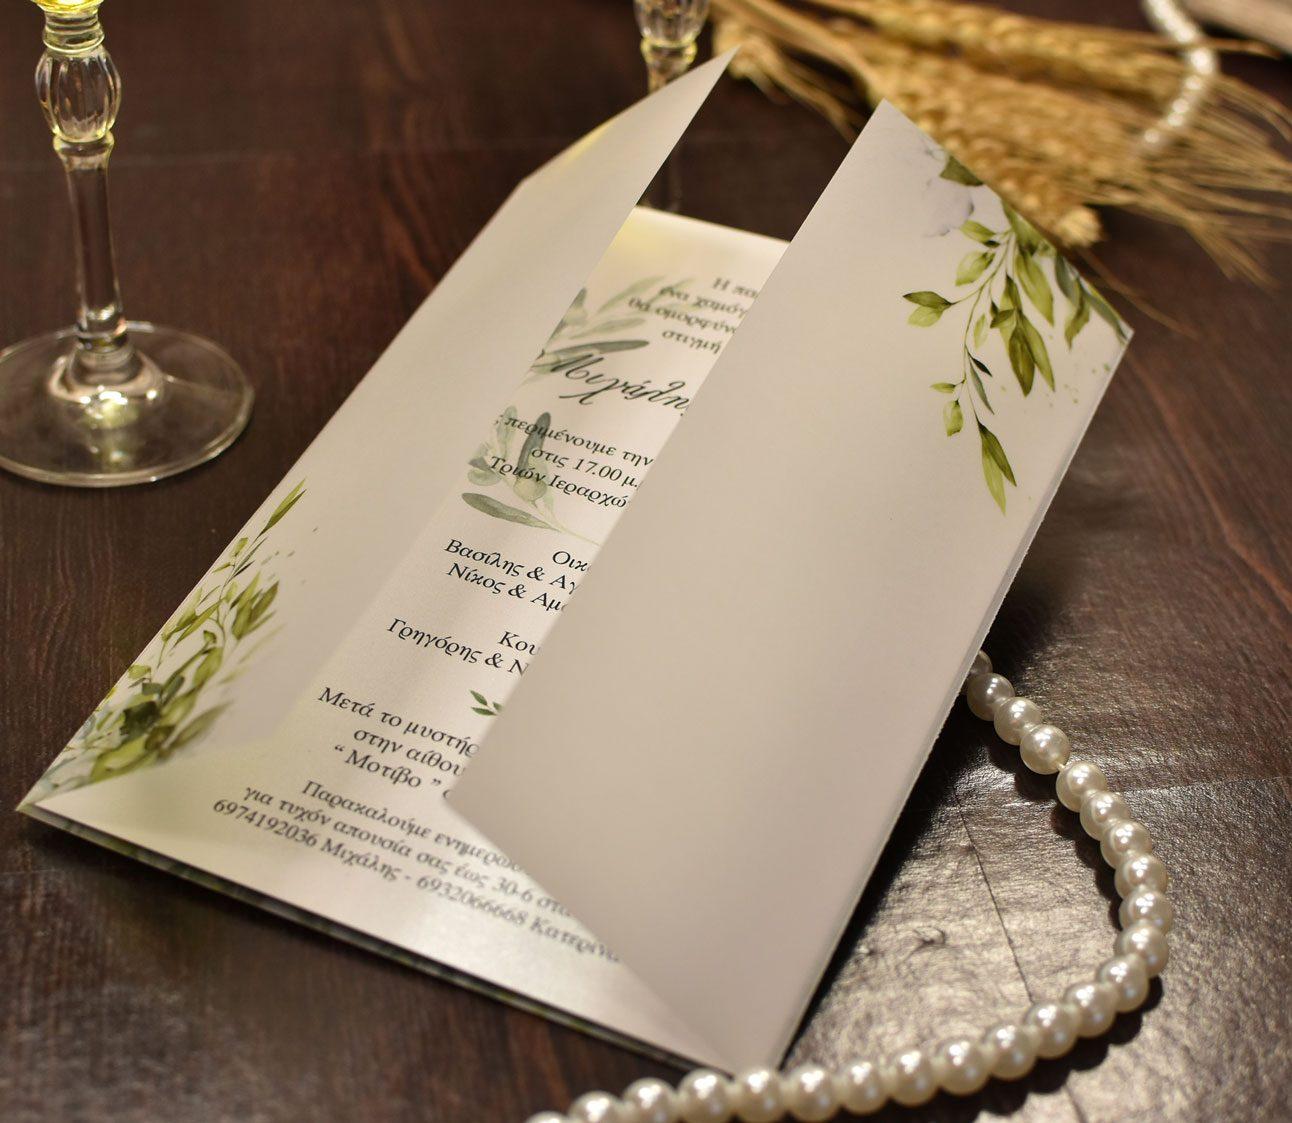 Προσκλητήριο γάμου ριζόχαρτο τρίπτυχο